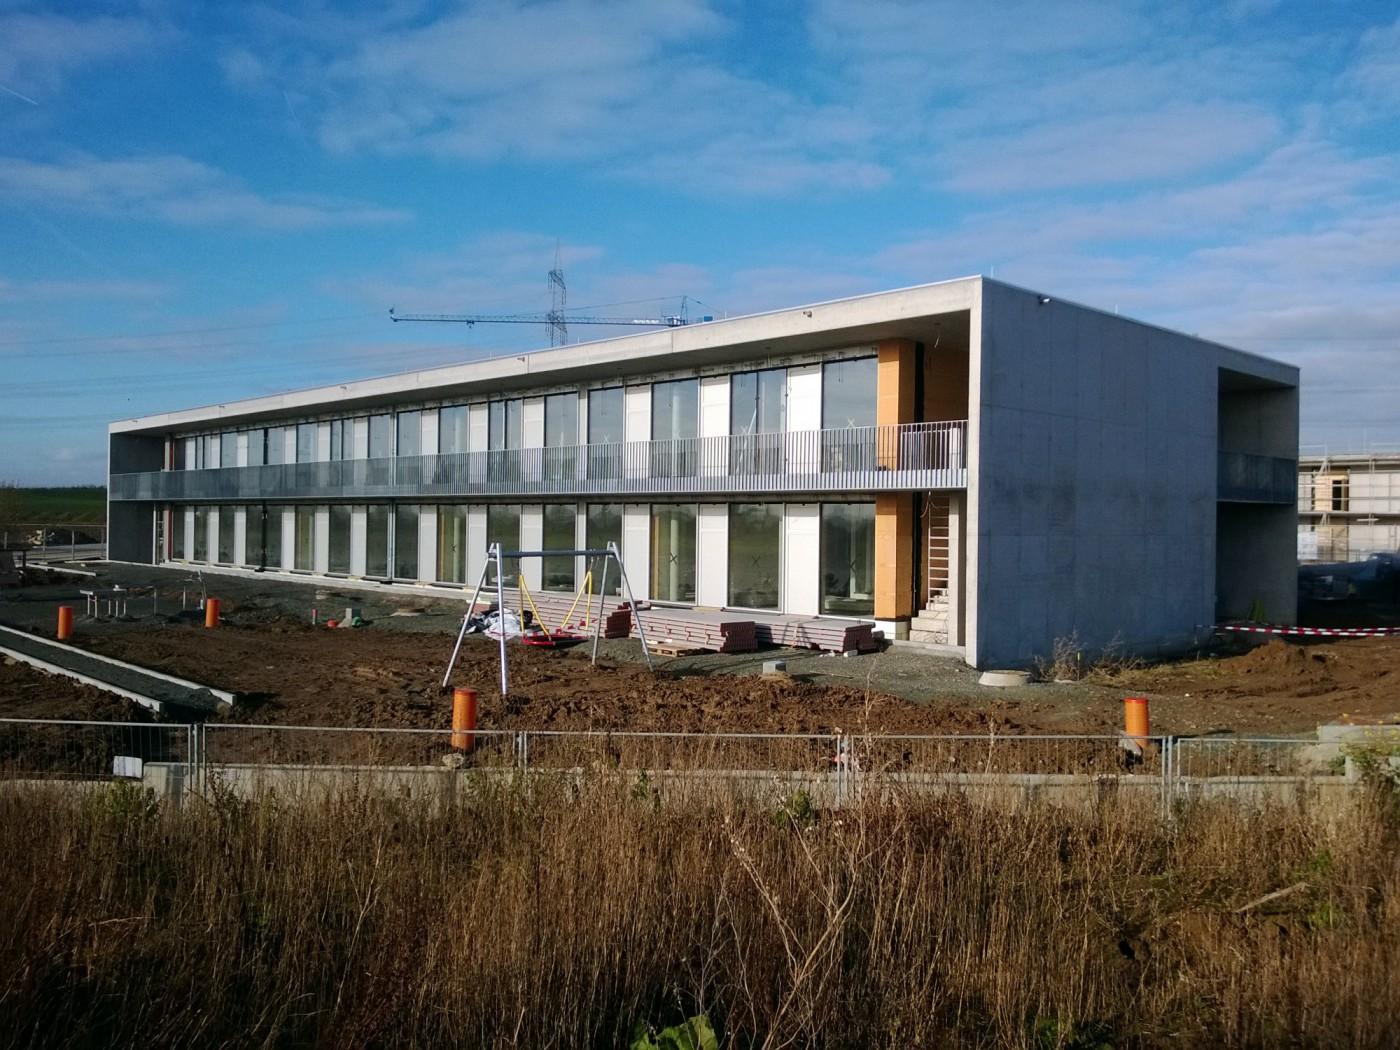 ww_Bildung_Grundschule mit Kita_Frankfurt_Copyright_Wenzel Wenzel_4c_1400x0_2